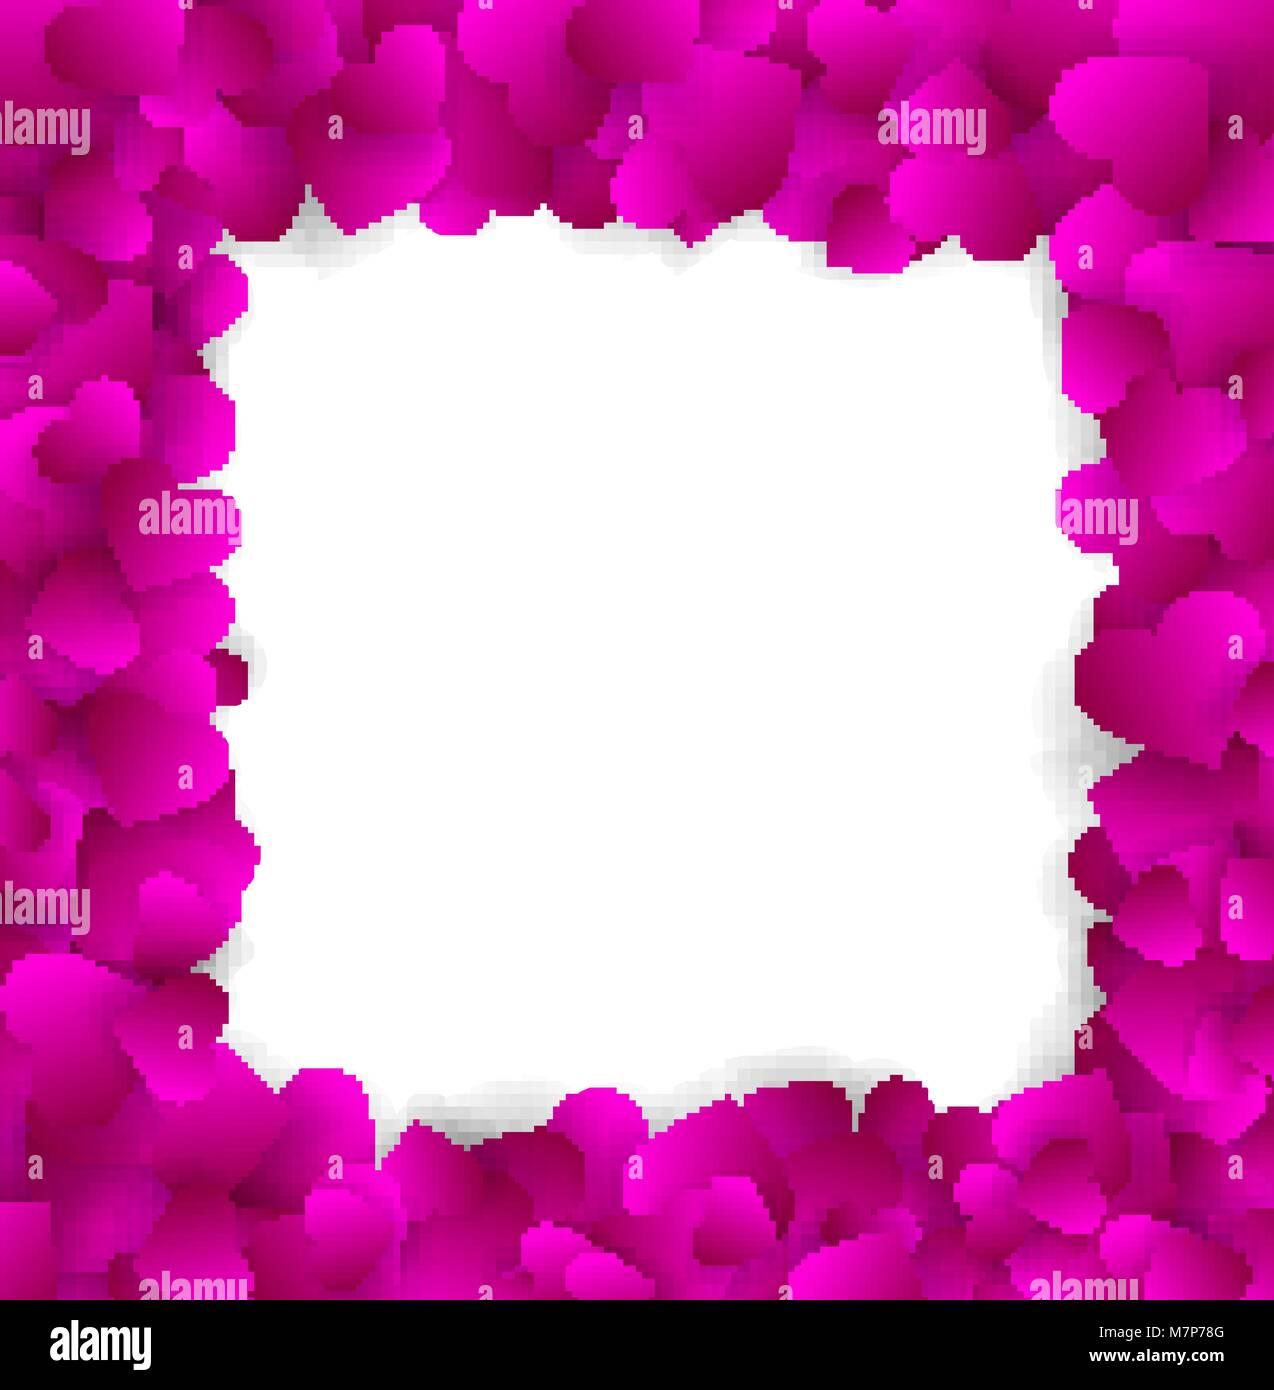 Heart Confetti Background Stockfotos & Heart Confetti Background ...